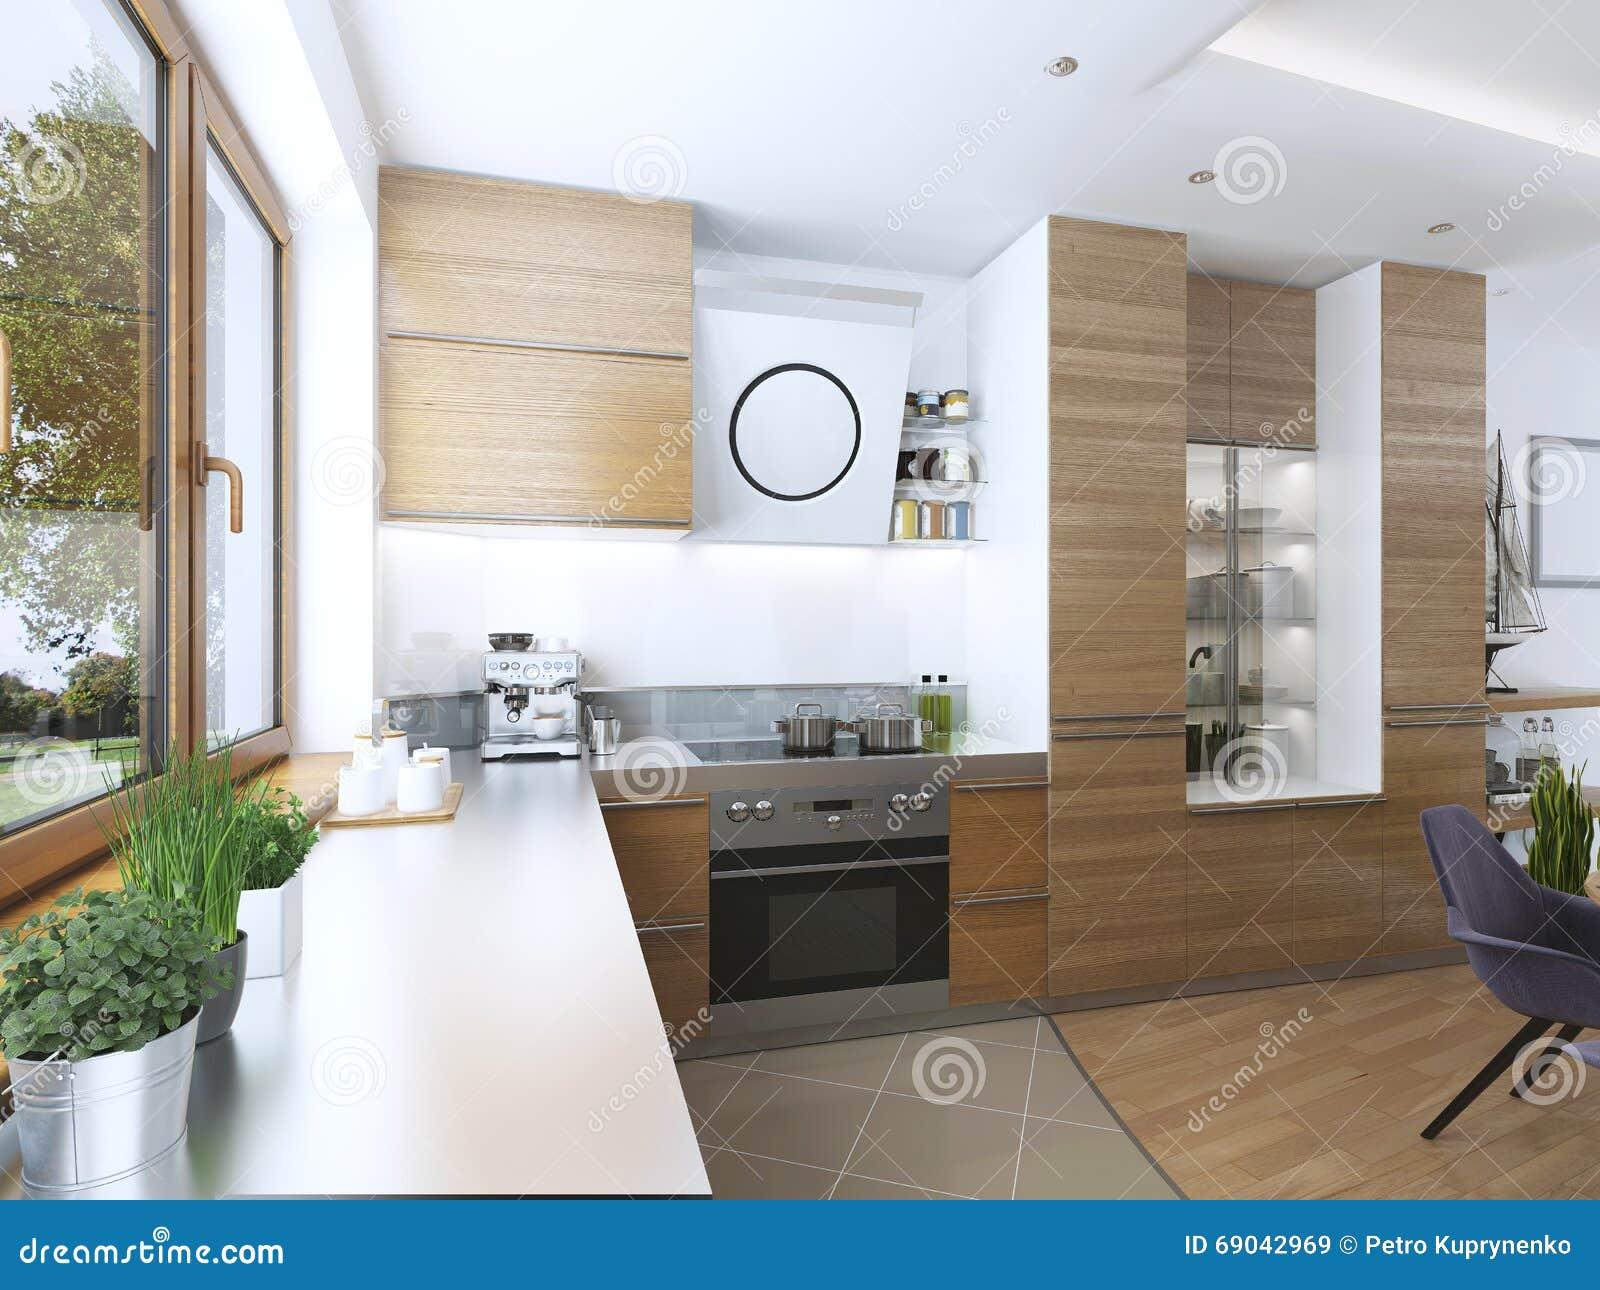 Moderne keuken in de eetkamer eigentijdse stijl stock afbeelding